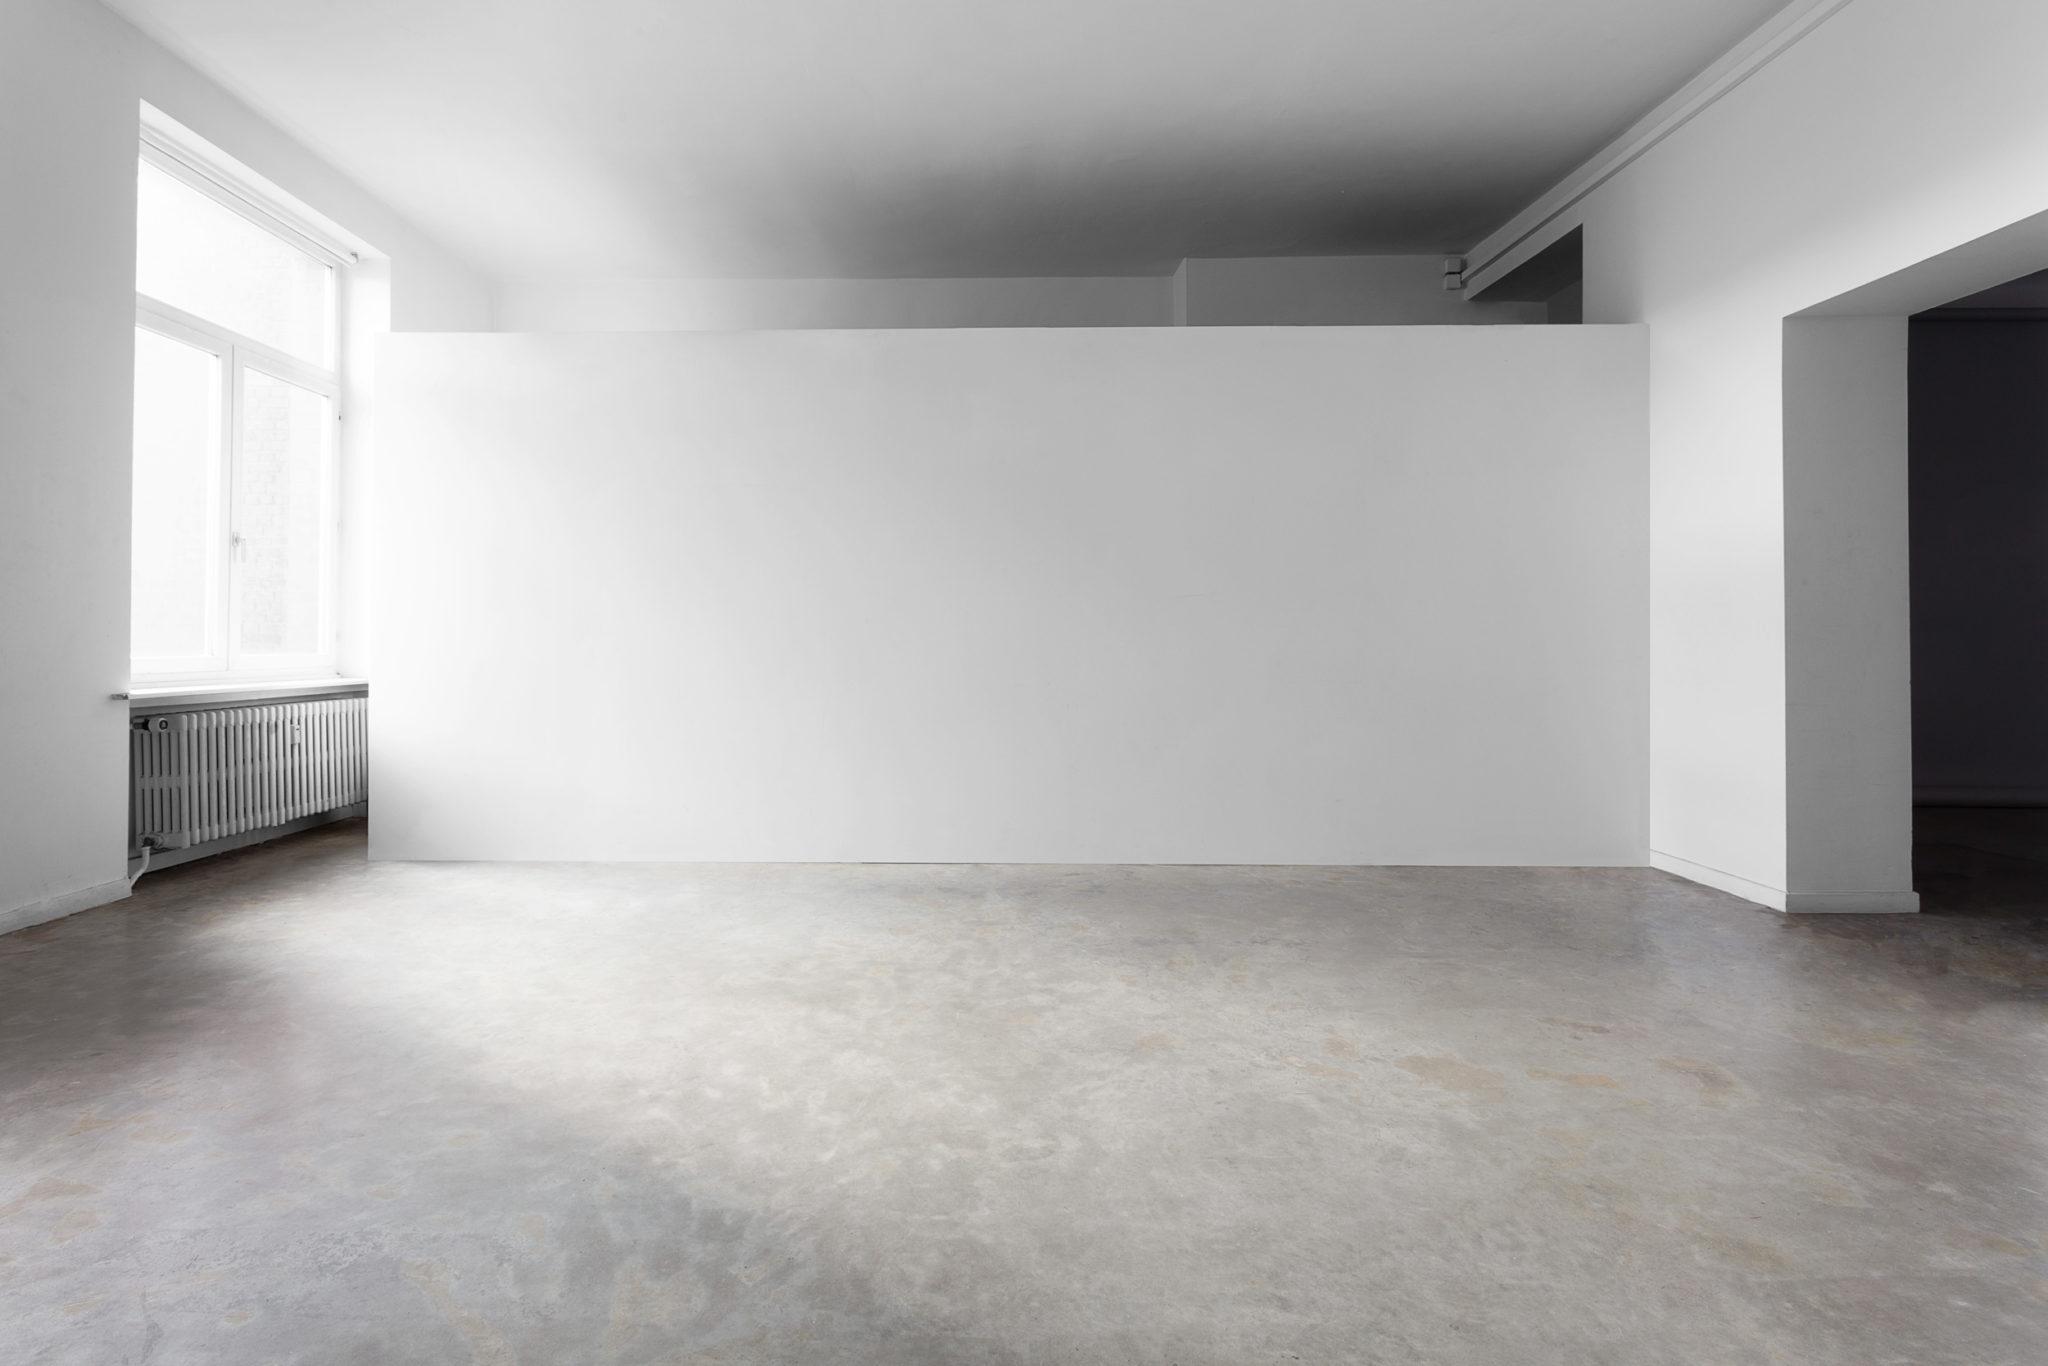 Autonom studio, studio à louer à Bruxelles Studio 2 vue de face